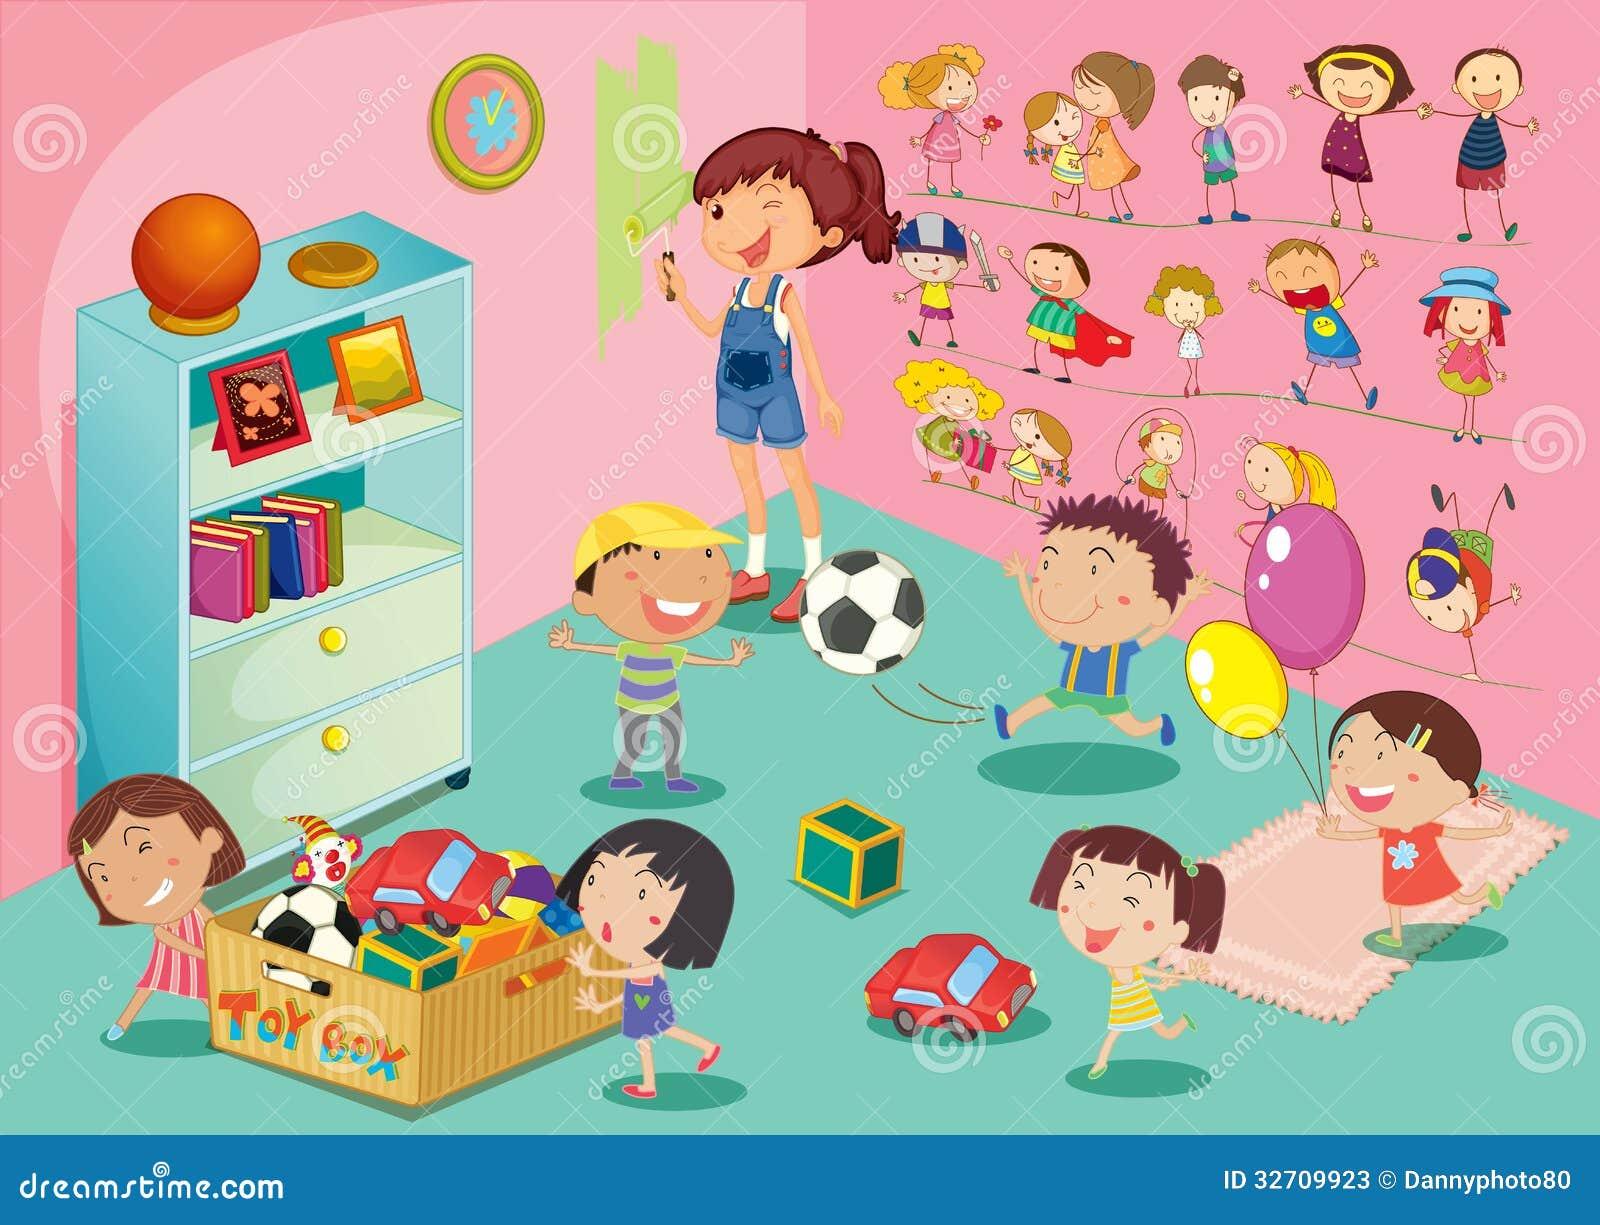 Bedroom Scene Stock Photos Image 32709923